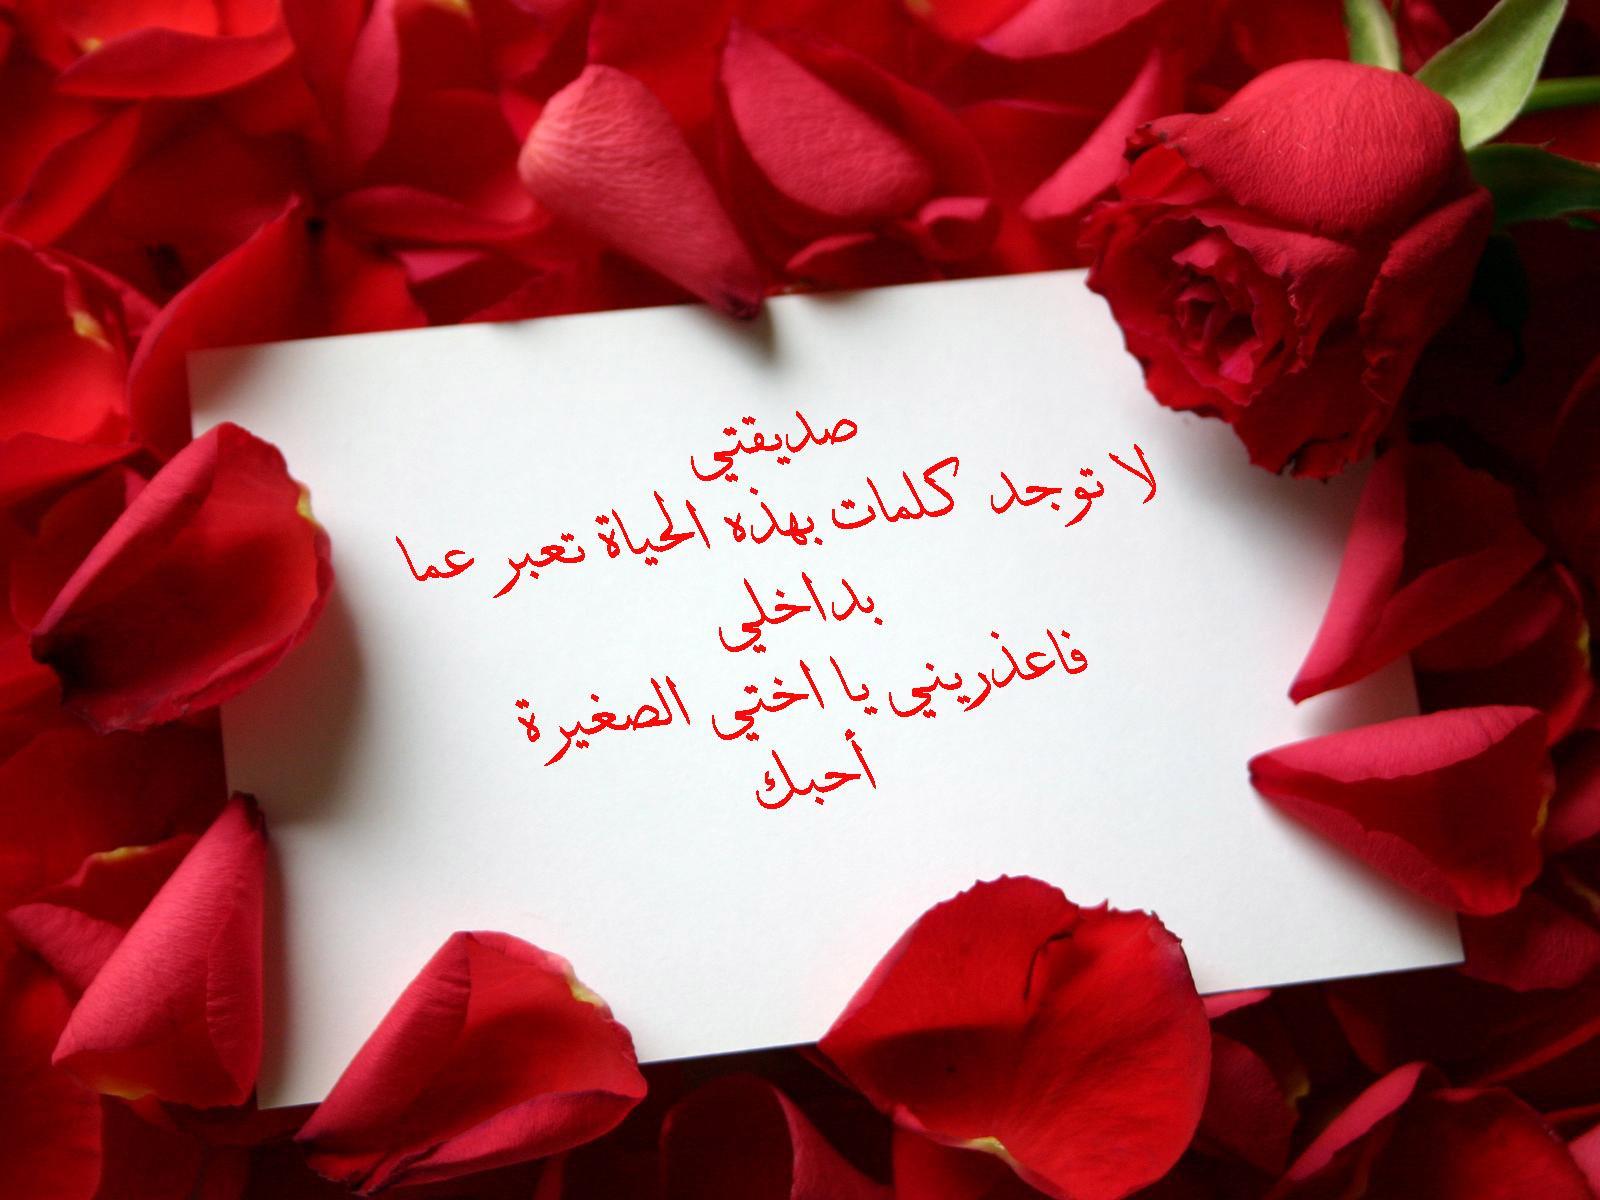 بالصور رسالة الي صديقتي , اليك يا عزيزتي يا نبض الفؤاد unnamed file 174